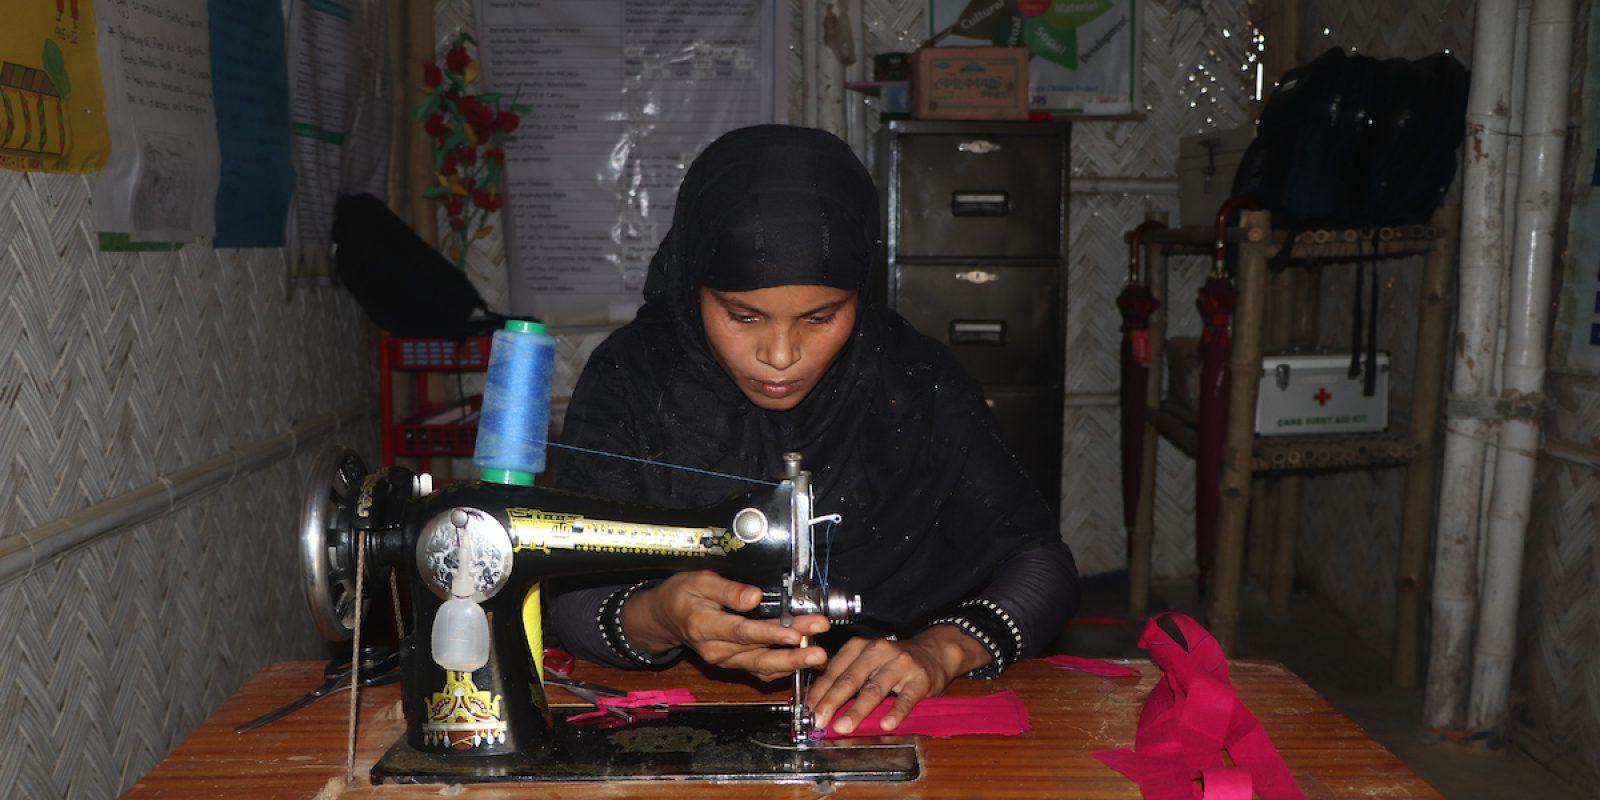 Hosneara puso en marcha un proyecto para enseñar a fabricar mascarillas a las adolescentes y juntas distribuyeron cientos de mascarillas a los niños de Bazar de Cox.